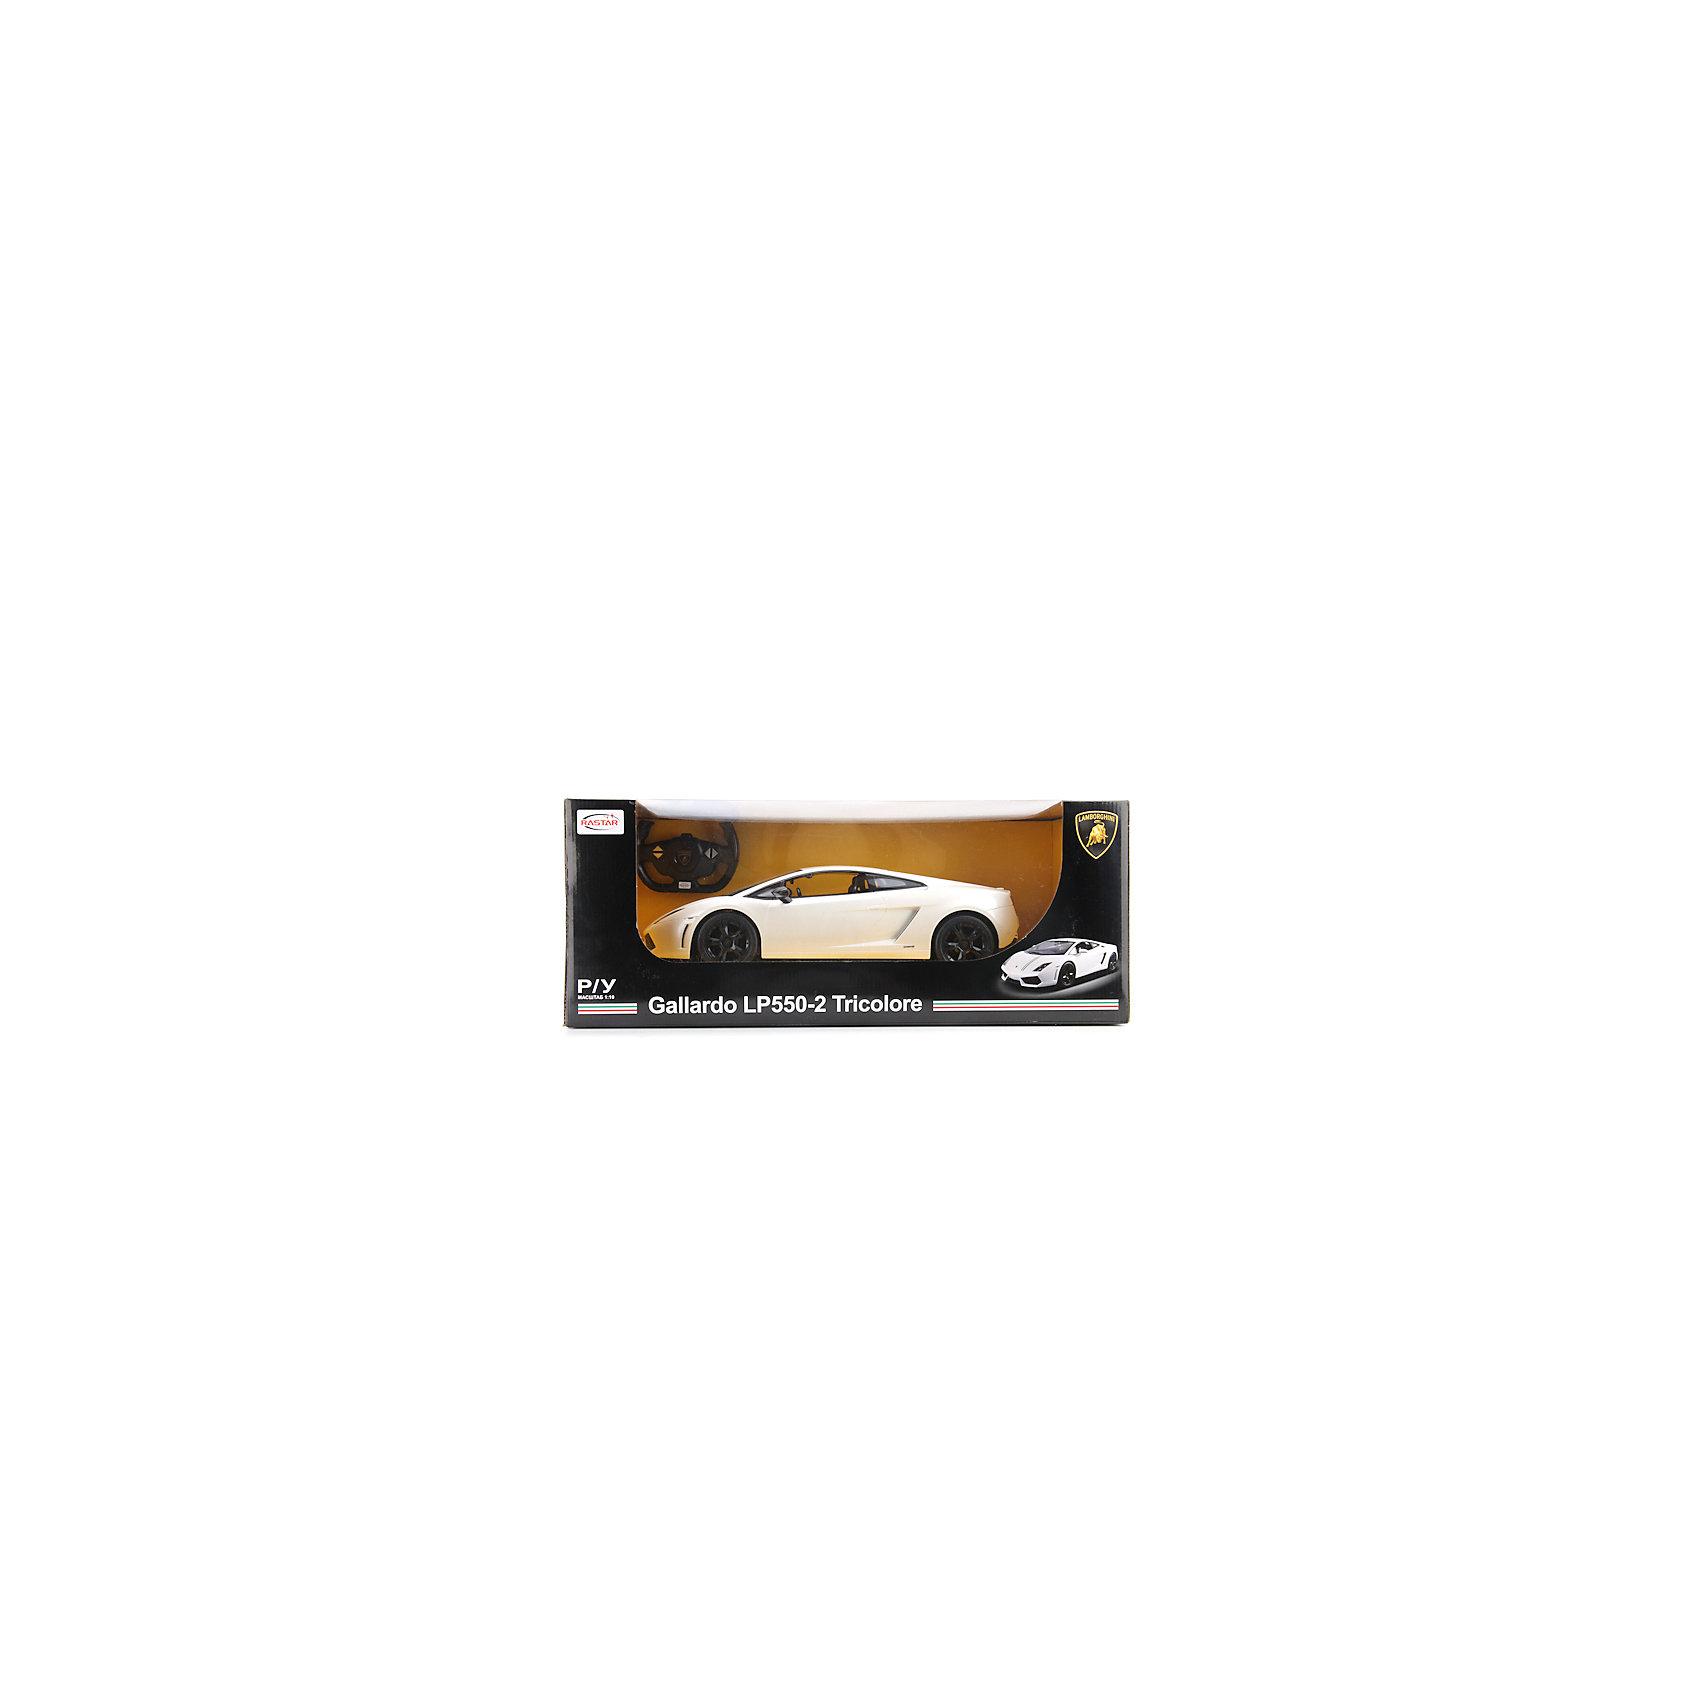 Машина р/у Lamborghini gallardo lp550-2, масштаб 1:10Спортивные машины обожает множество современных мальчишек, поэтому машина Lamborghini gallardo lp550-2, выглядящая почти как настоящая, обязательно порадует ребенка. Такие игрушки помогают детям развивать воображение, мелкую моторику, логику и творческое мышление.<br>Машина прекрасно детализирована, она сделана в масштабе 1:10, двигается с помощью аккумулятора и радиоуправления. Игрушка двигается вправо, влево, вперёд, назад. На ней включаются фары и фонарь заднего хода. С такой машиной можно придумать множество игр!<br><br>Дополнительная информация:<br><br>цвет: черный, белый;<br>размер коробки: 25 х 24 х 58 см;<br>вес: 2950 г;<br>материал: металл, пластик;<br>световые эффекты.<br><br>Машину р/у Lamborghini gallardo lp550-2, масштаб 1:10 можно купить в нашем магазине<br><br>Ширина мм: 250<br>Глубина мм: 240<br>Высота мм: 580<br>Вес г: 2950<br>Возраст от месяцев: 36<br>Возраст до месяцев: 60<br>Пол: Мужской<br>Возраст: Детский<br>SKU: 4913602